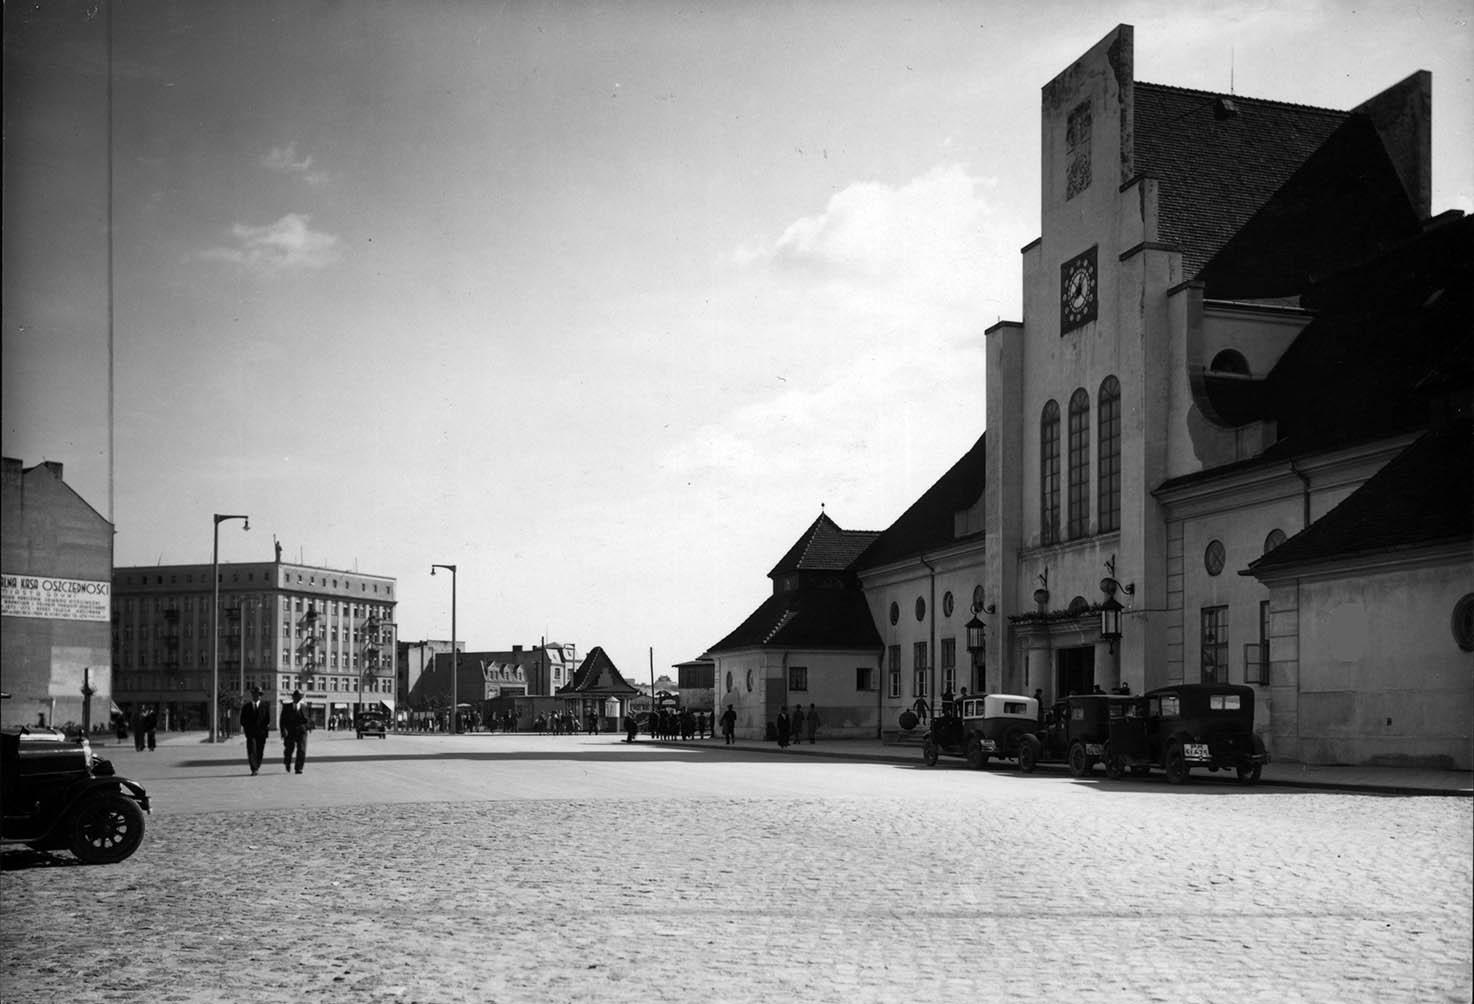 Ulica Dworcowa - dworzec kolejowy